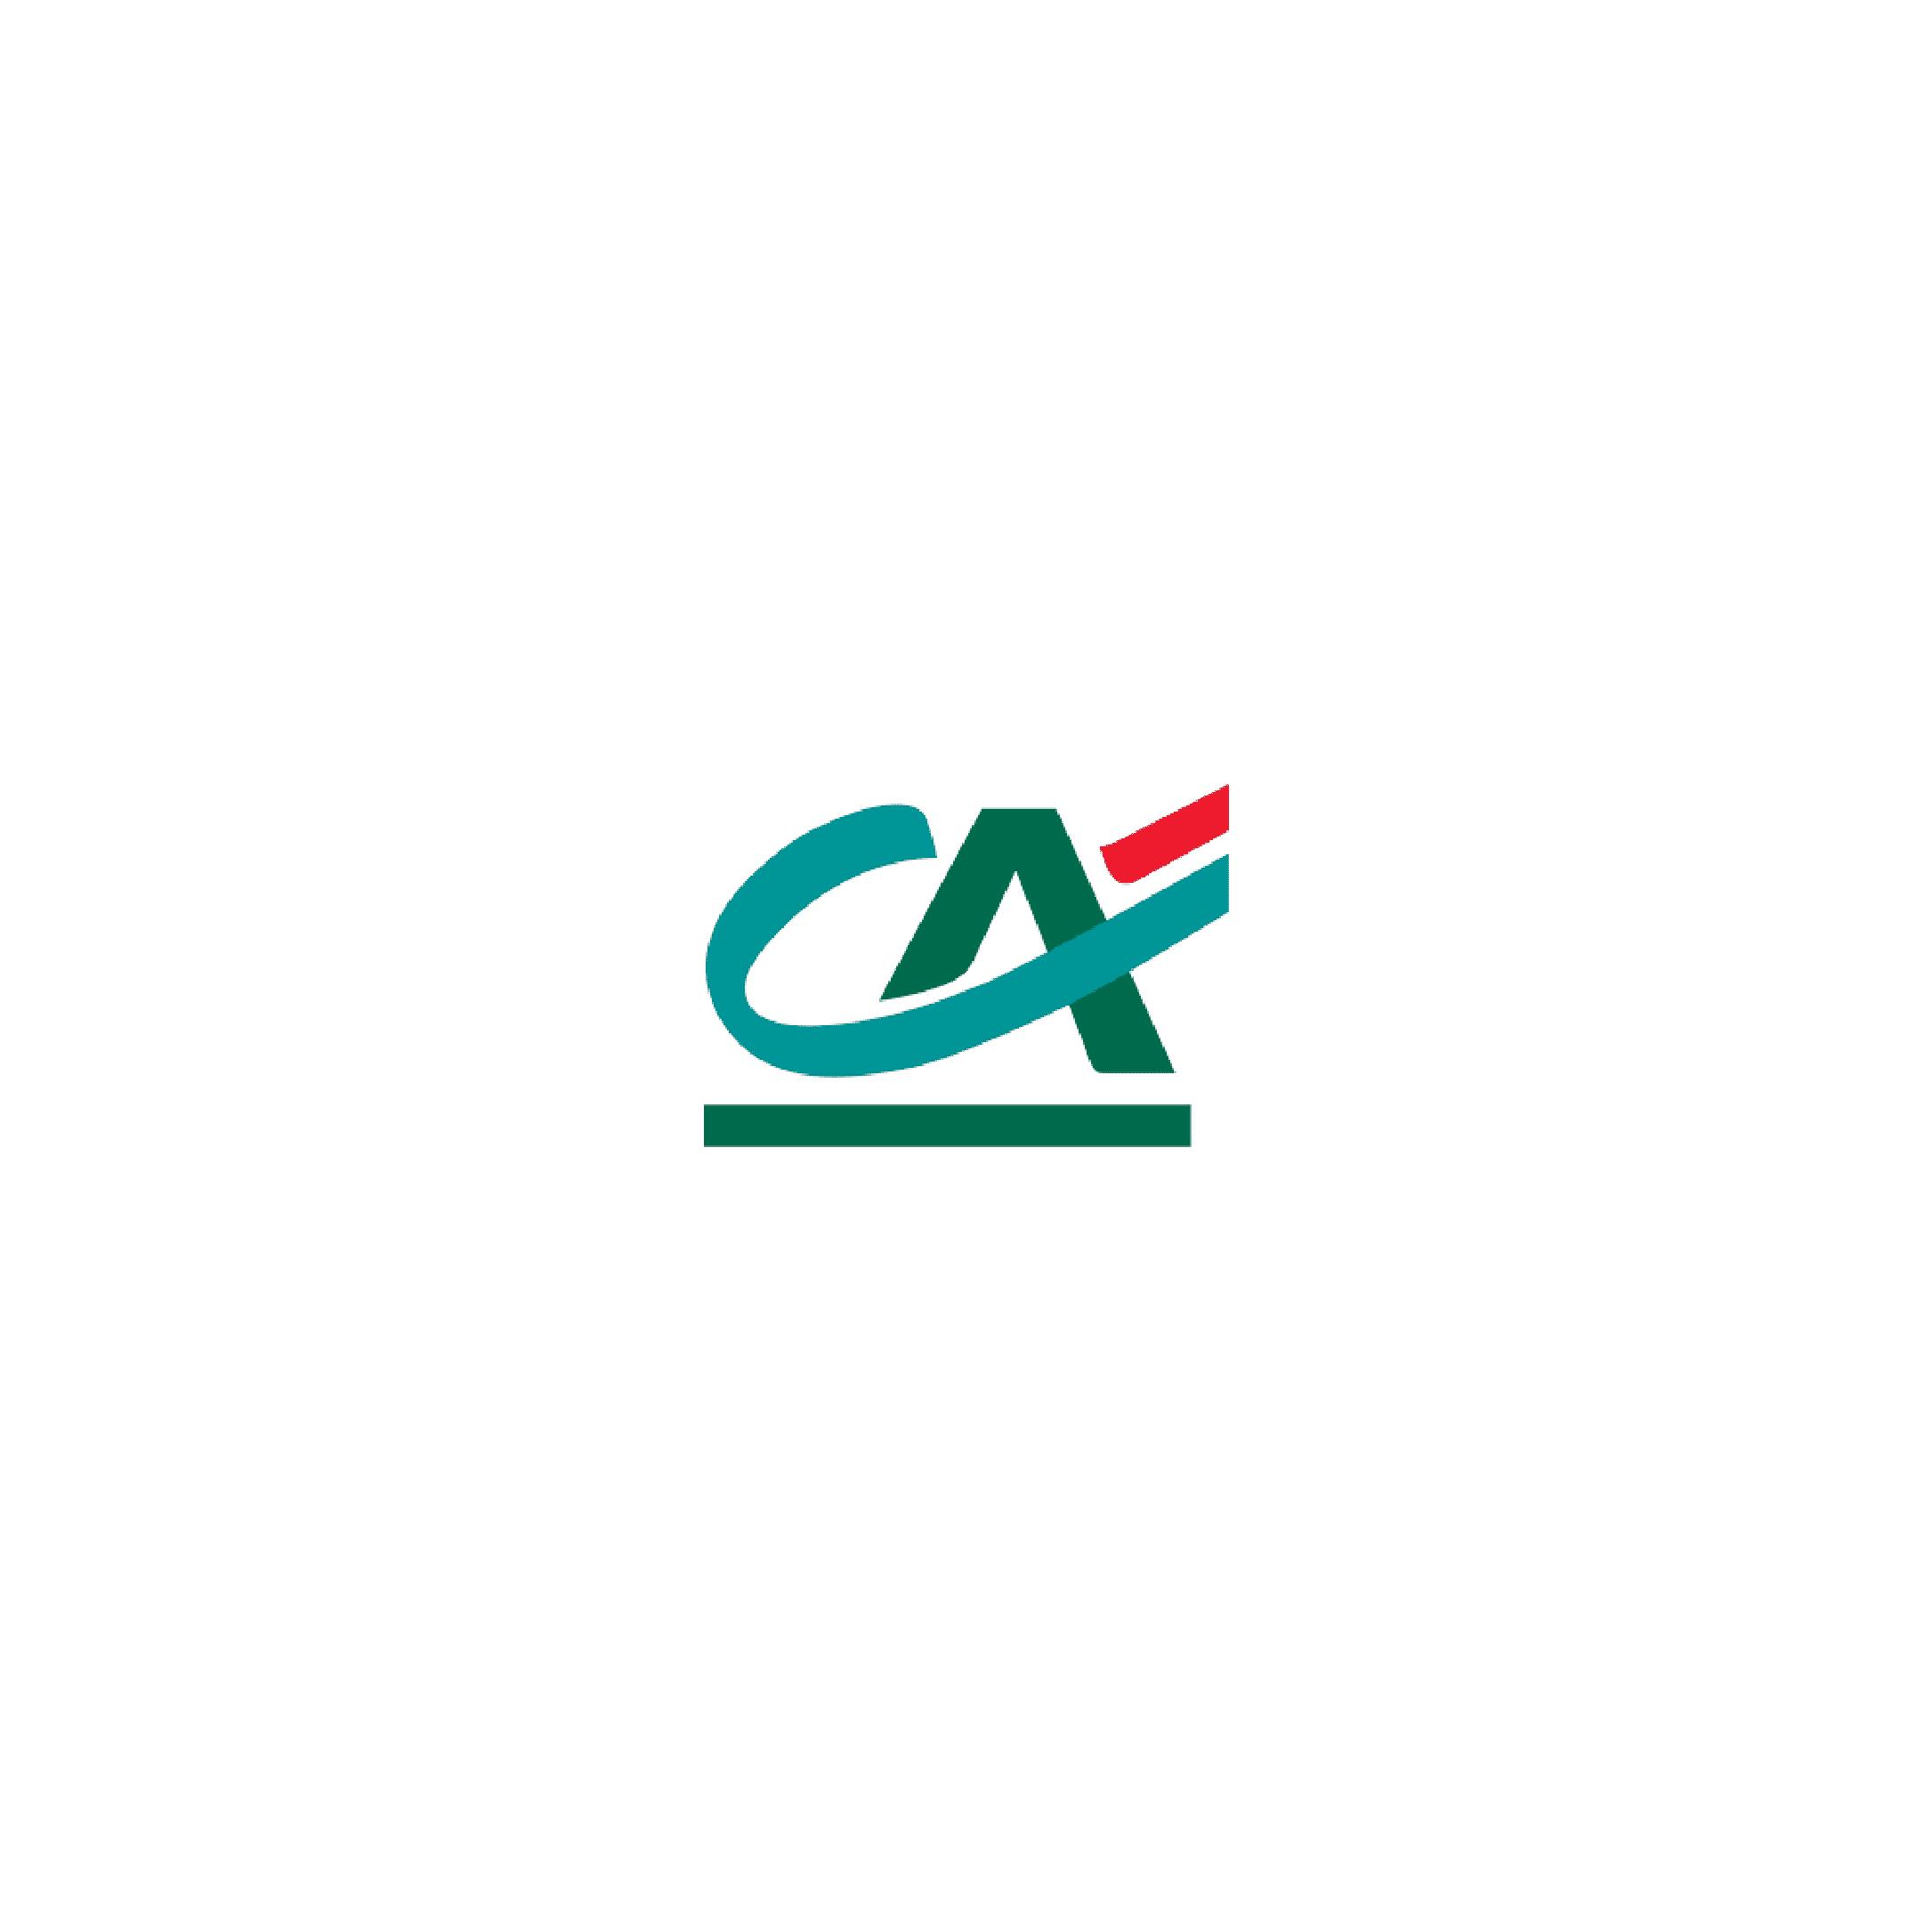 DialOnce-Assurance-CA-logo